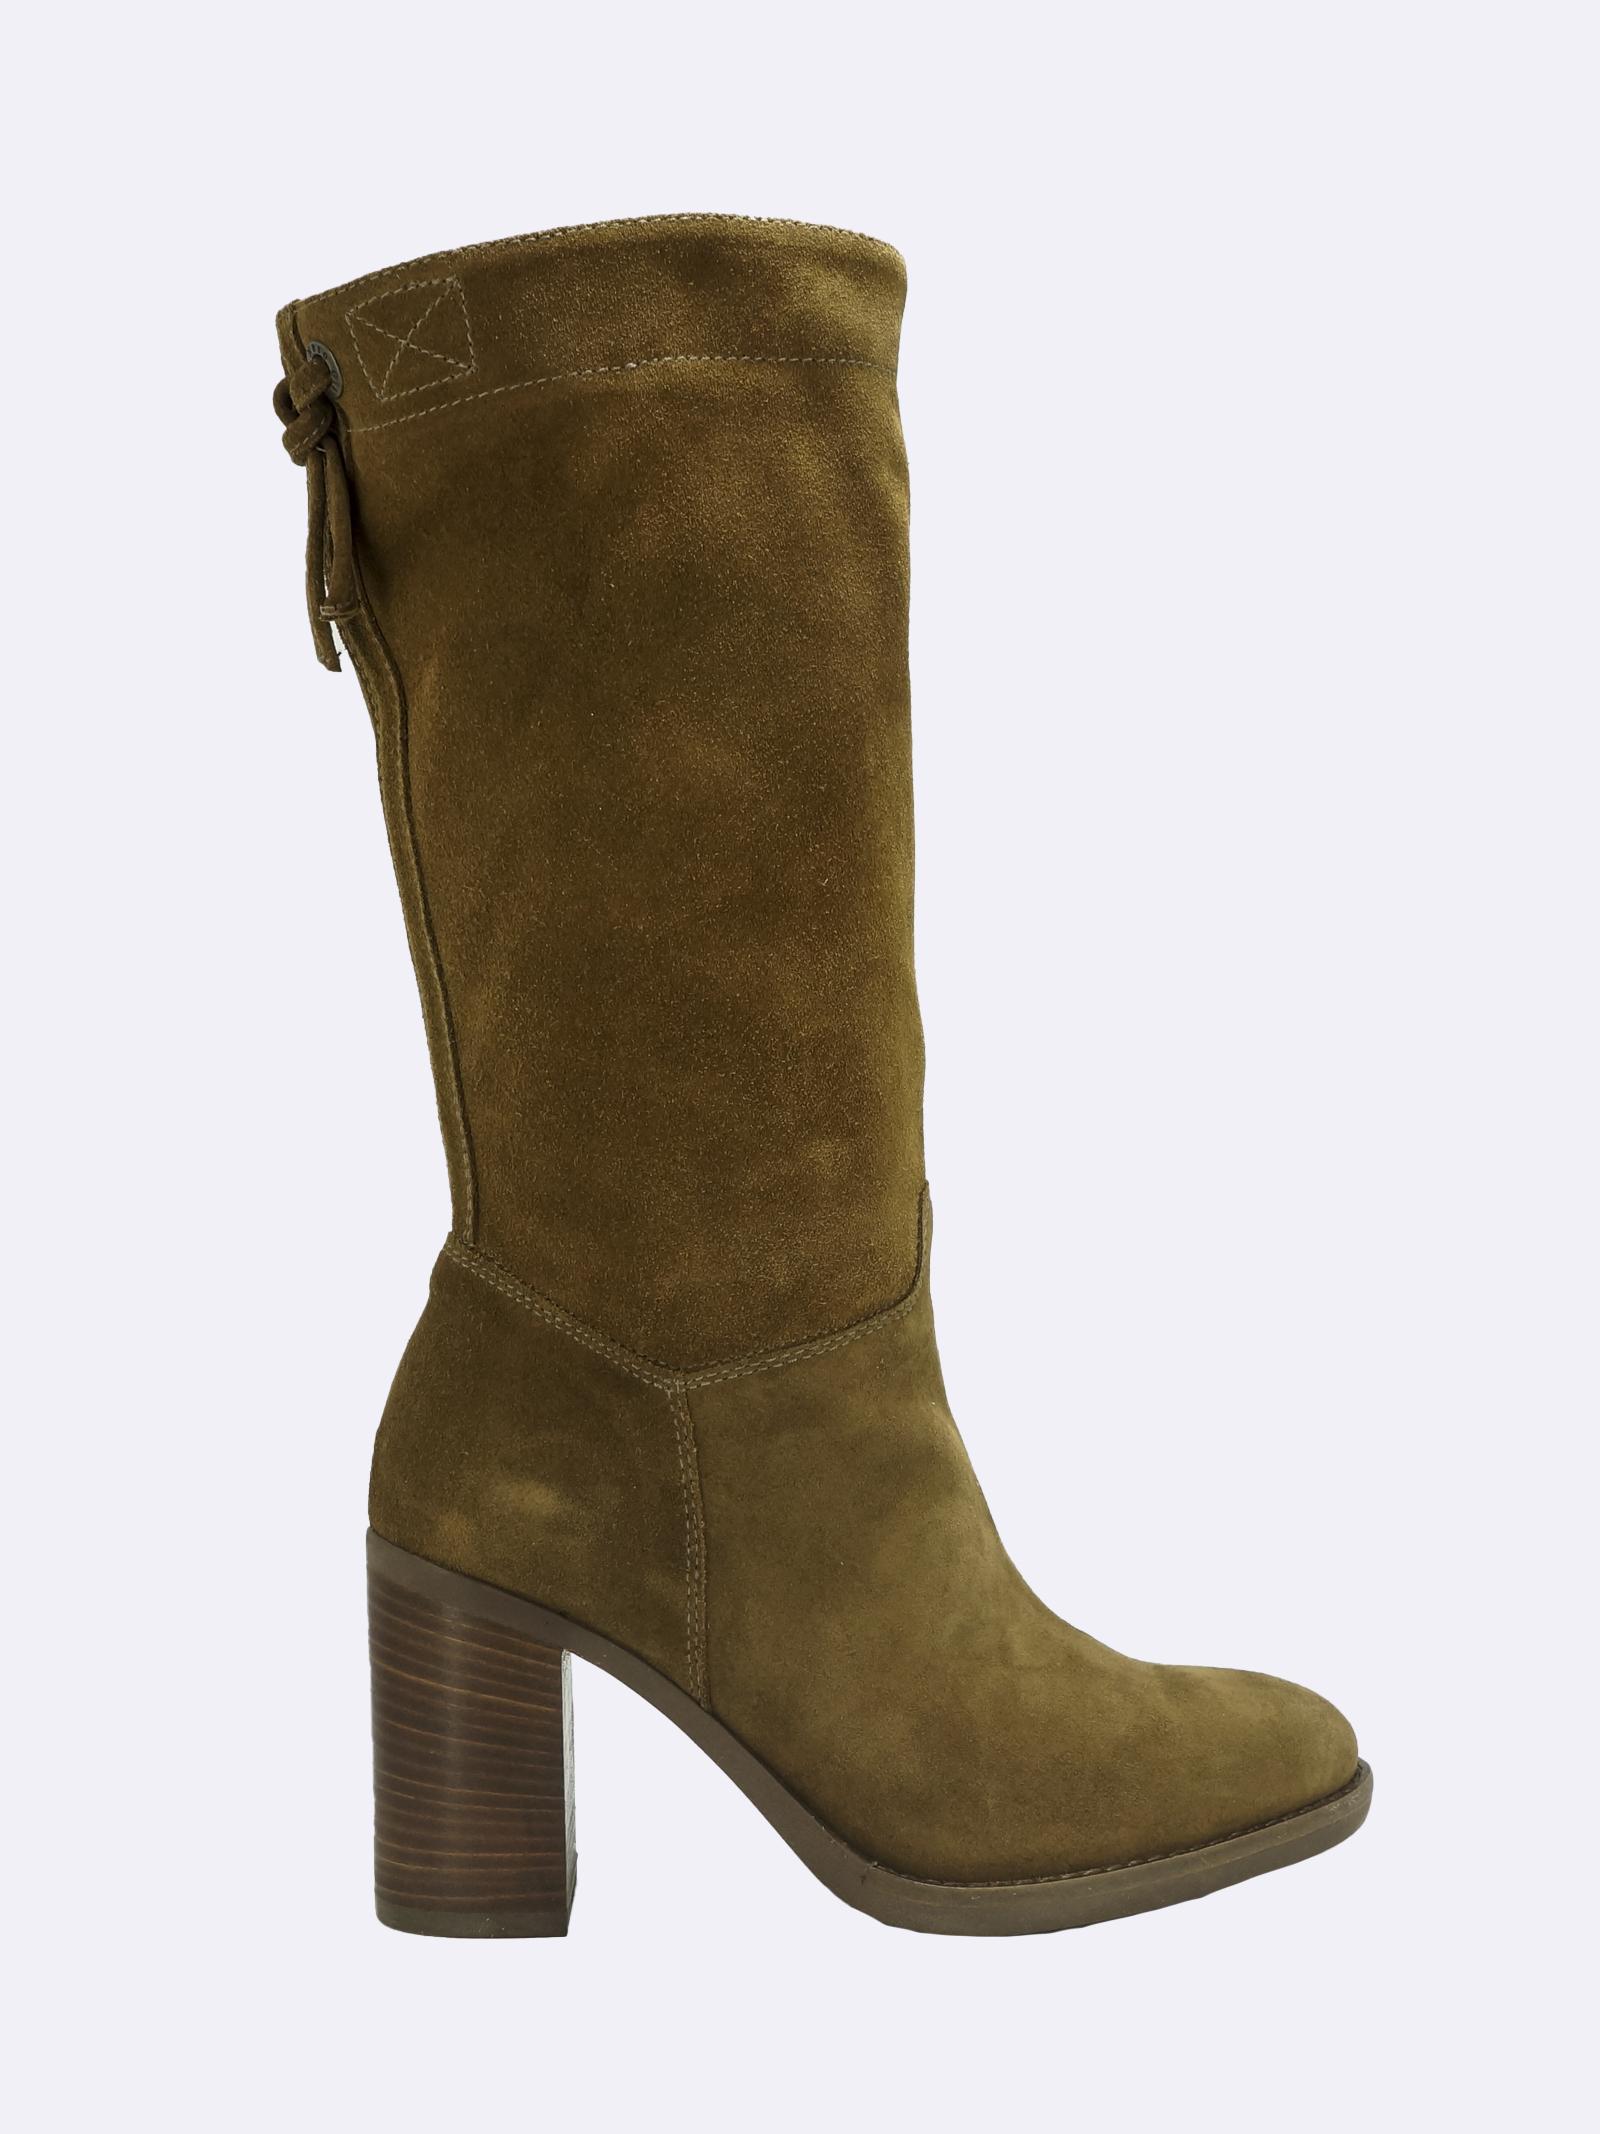 Stivali Donna in Camoscio Cuoio a Mezza Gamba Nero Giardini   Stivali   I014046DMALTO339